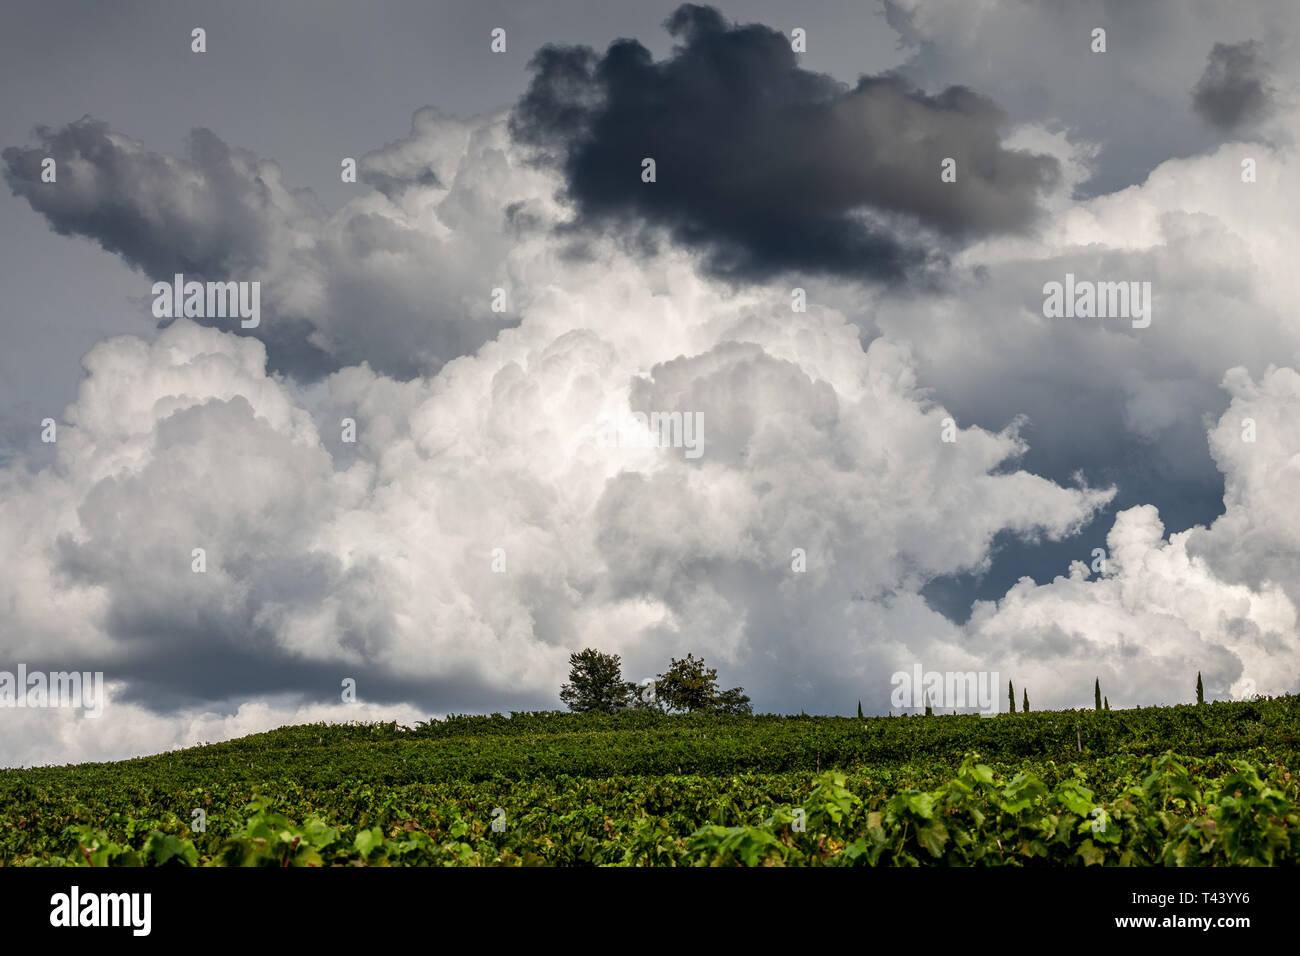 Clouds, cumulonimbus. Dramatic sky. Croatia. - Stock Image